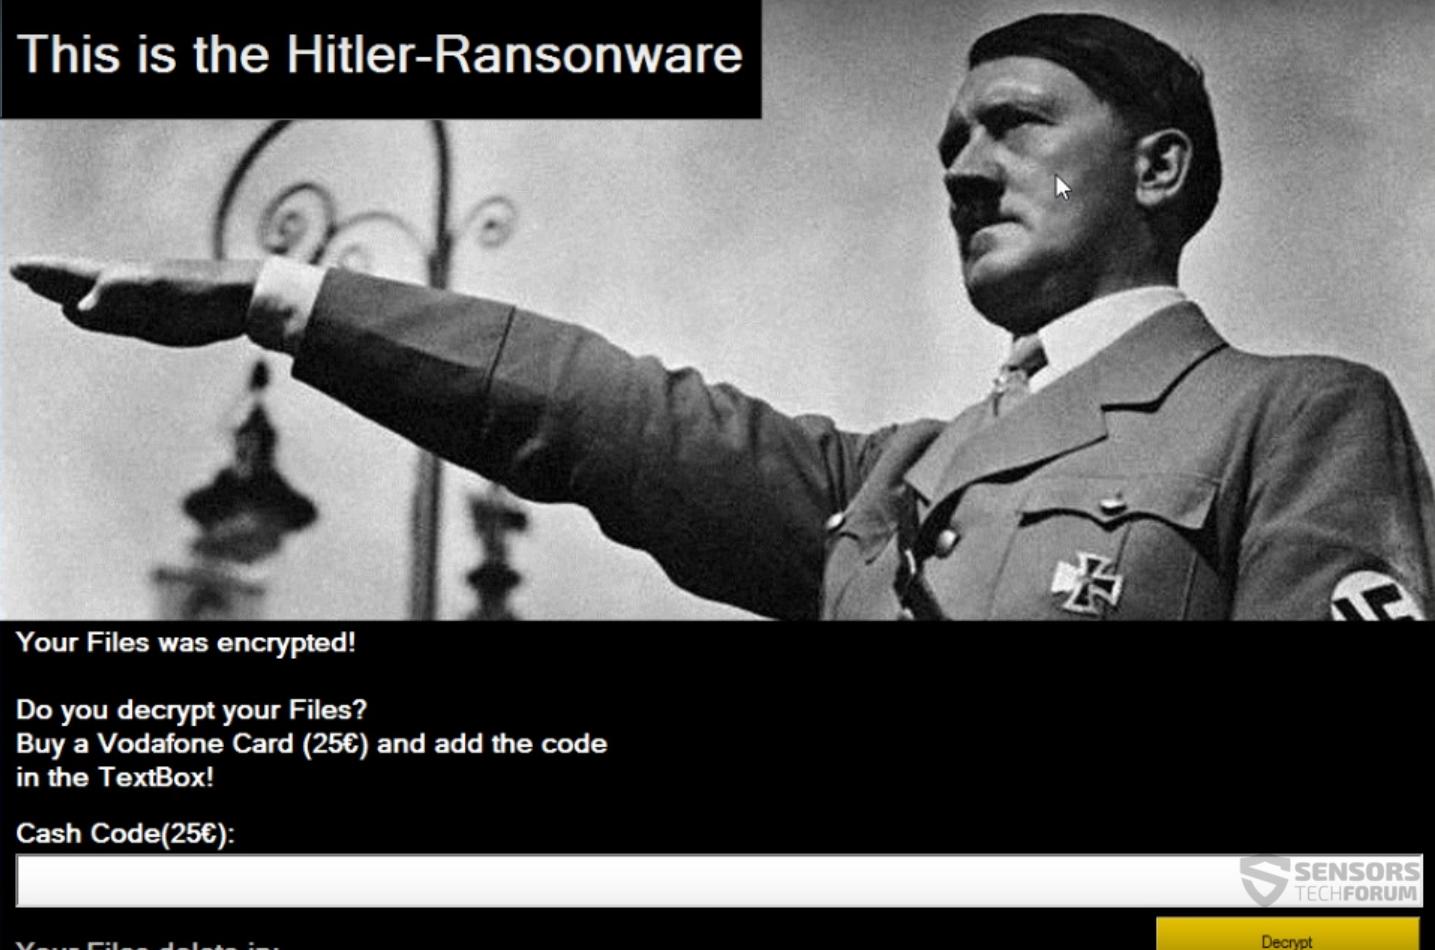 bsod-sensorstechforum-hitler-ransomware (2)